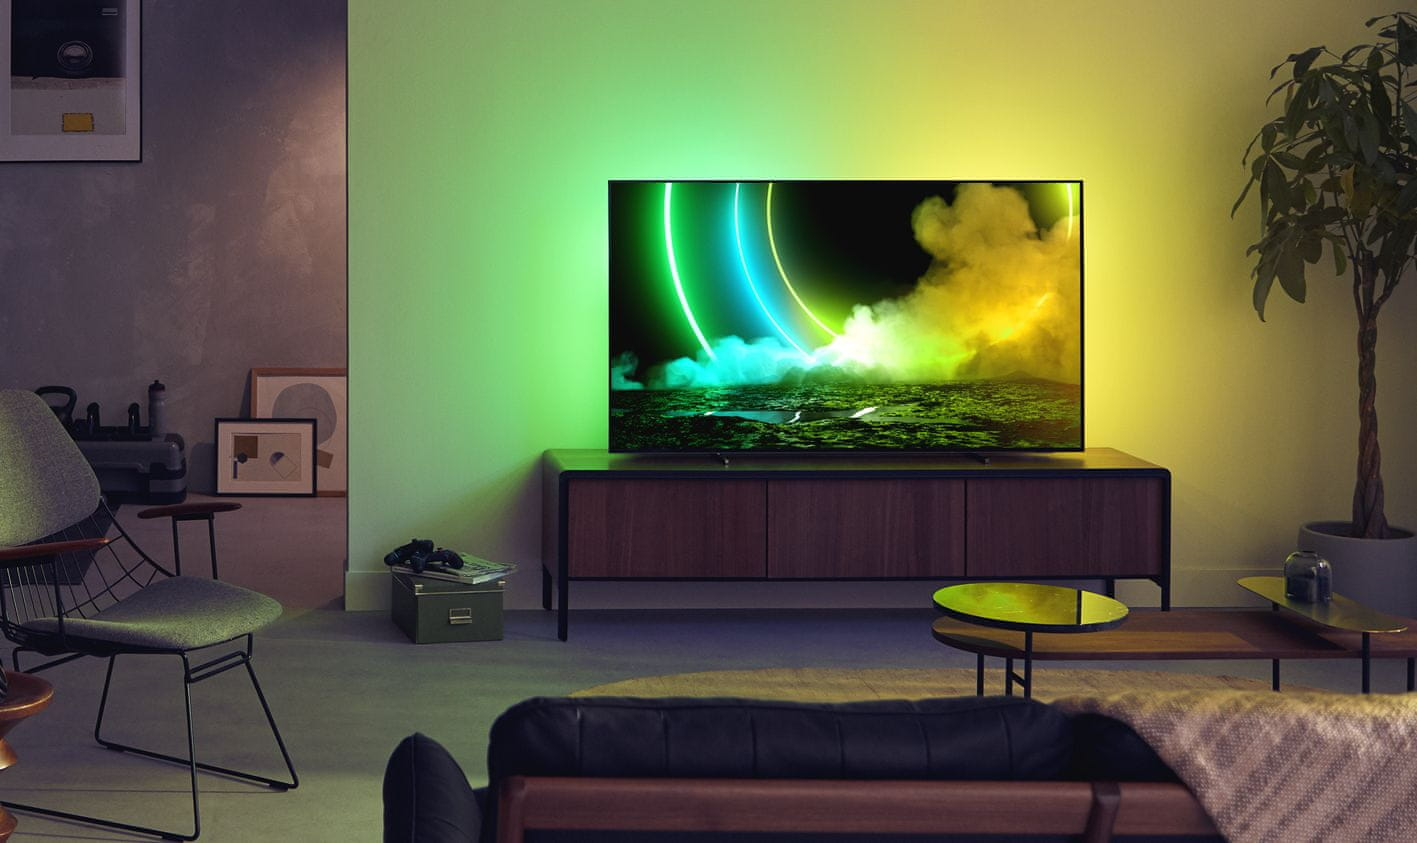 Philips tv televize OLED 4K 2021 Ambilight 100% színmélység